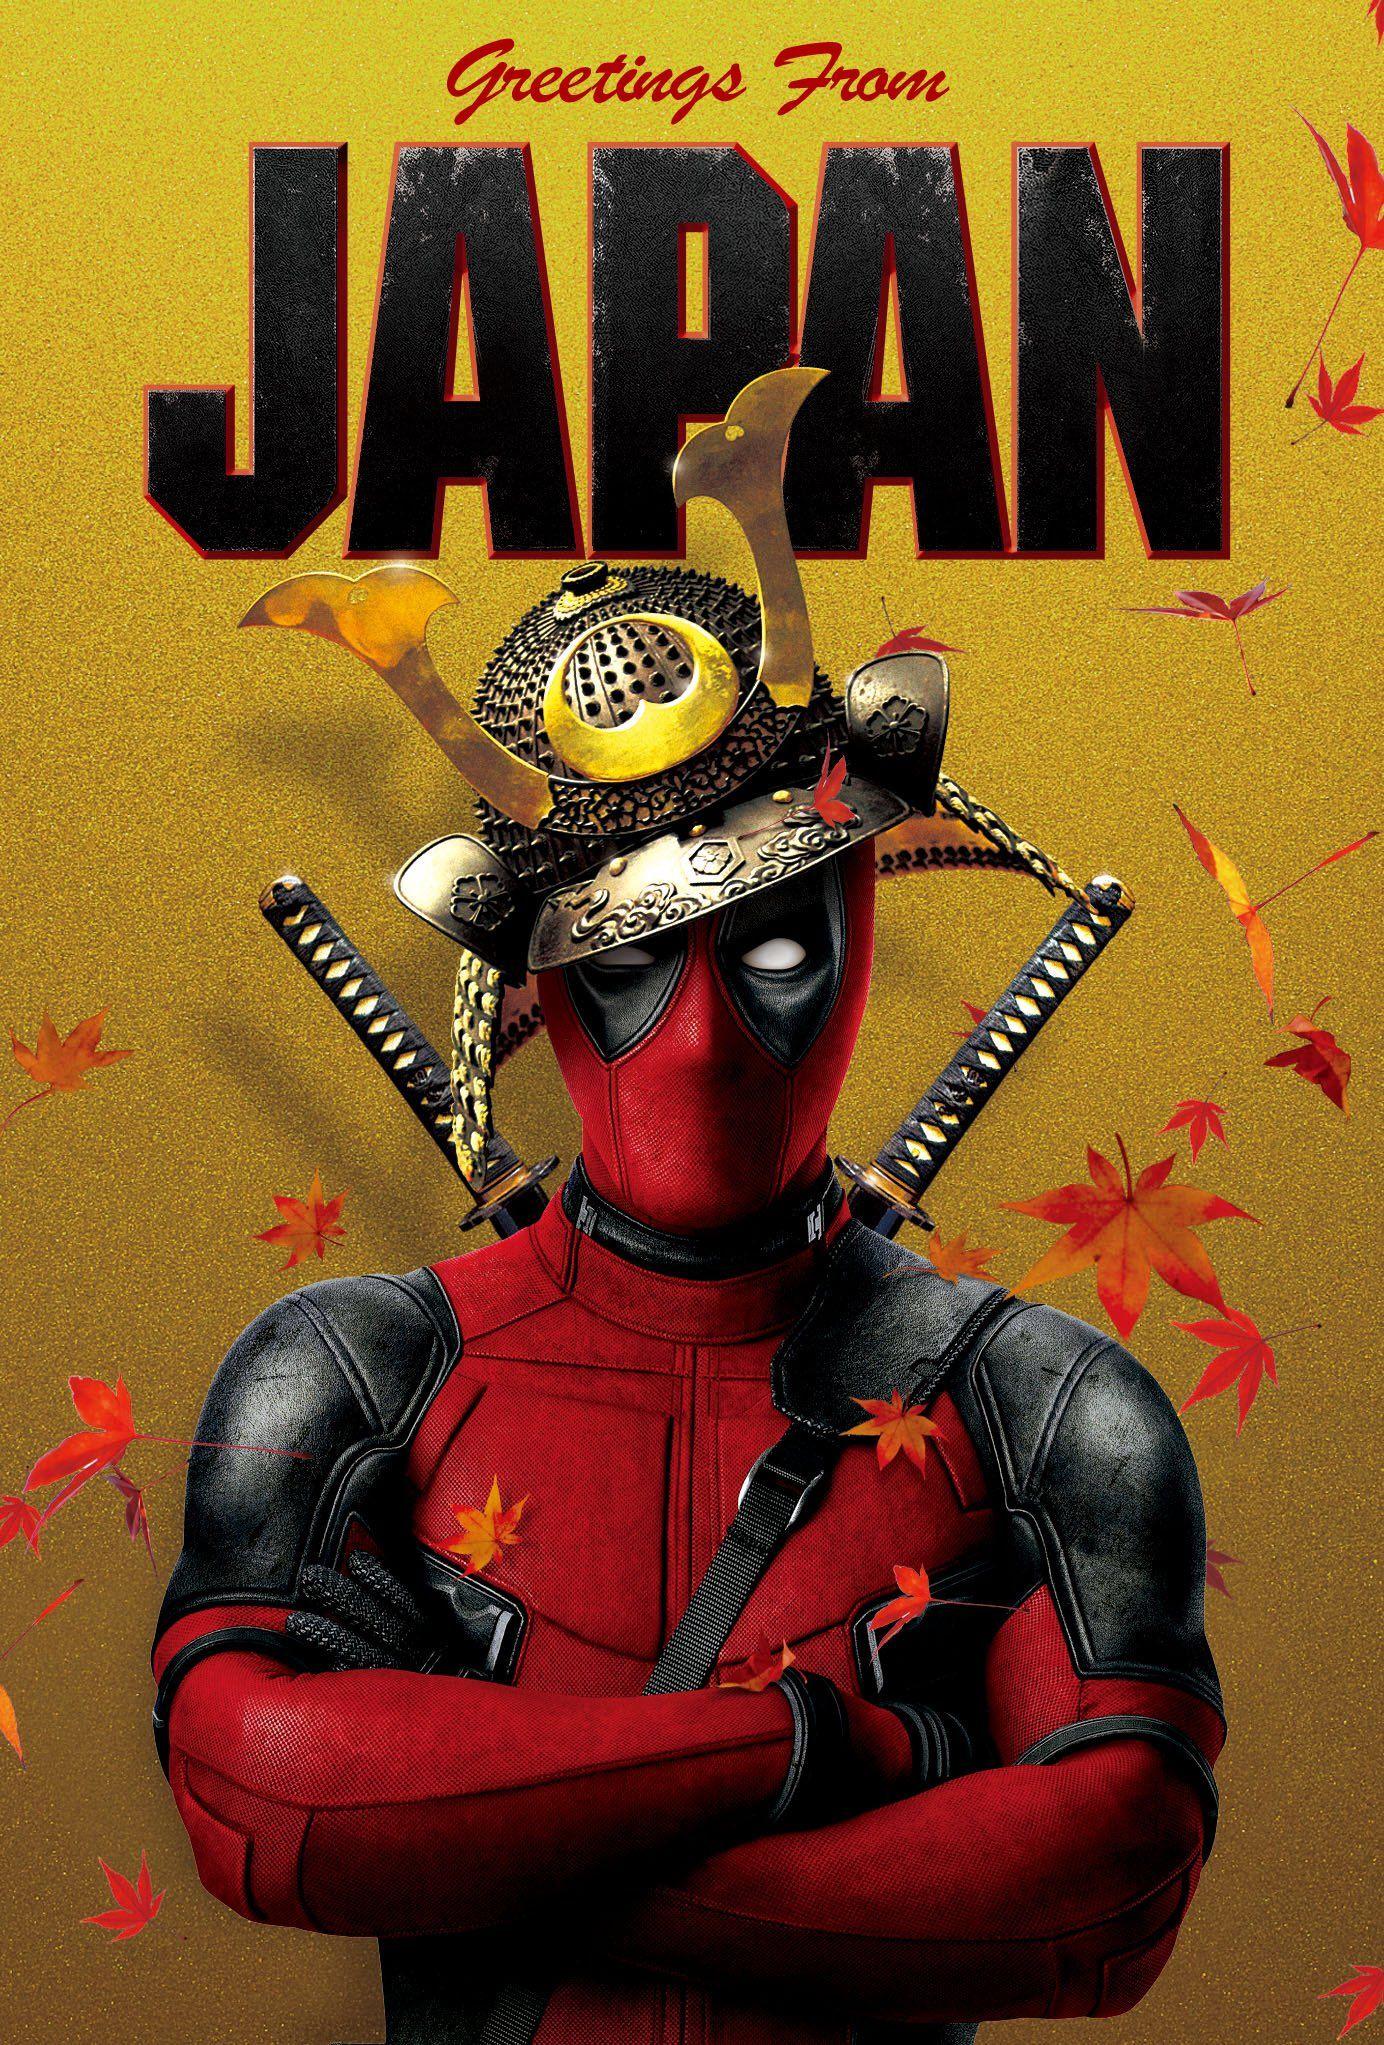 Ryan Reynolds on | Deadpool, Comic book heroes, Superhero